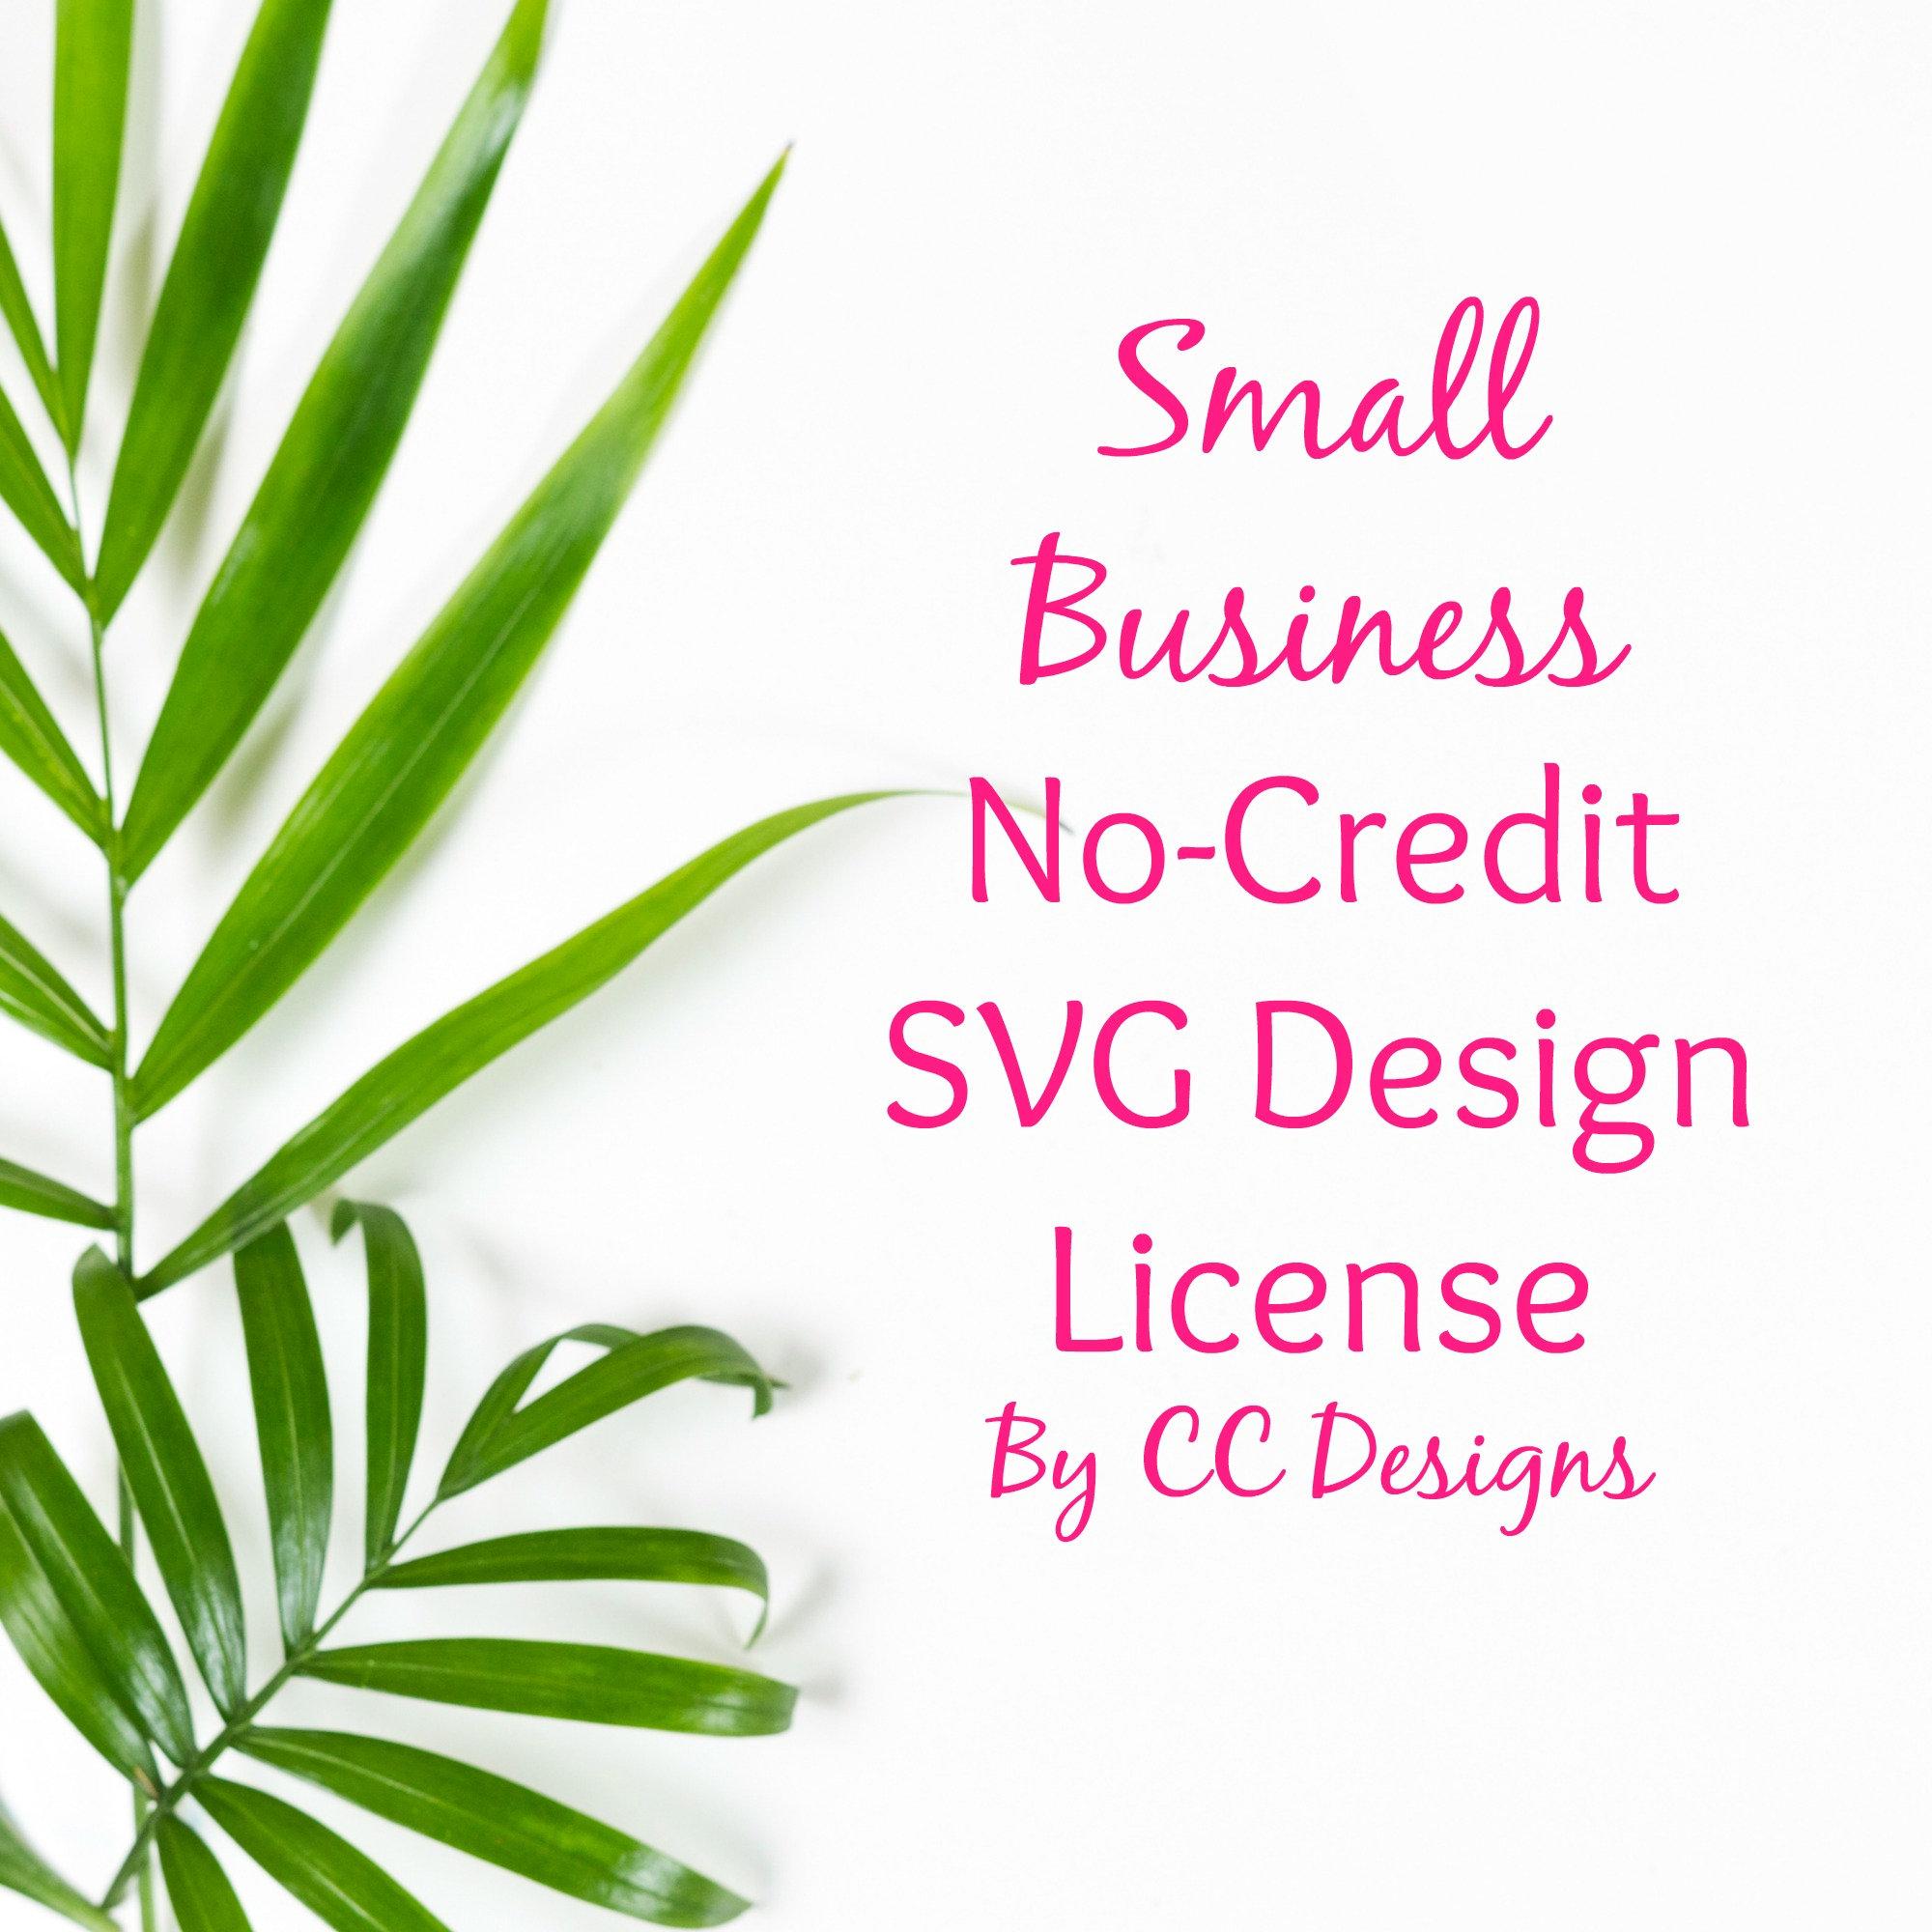 1000 Uses Per Design Commercial Use License SVG files Small Business Commercial License for 1 Design of Starbucks SVG File